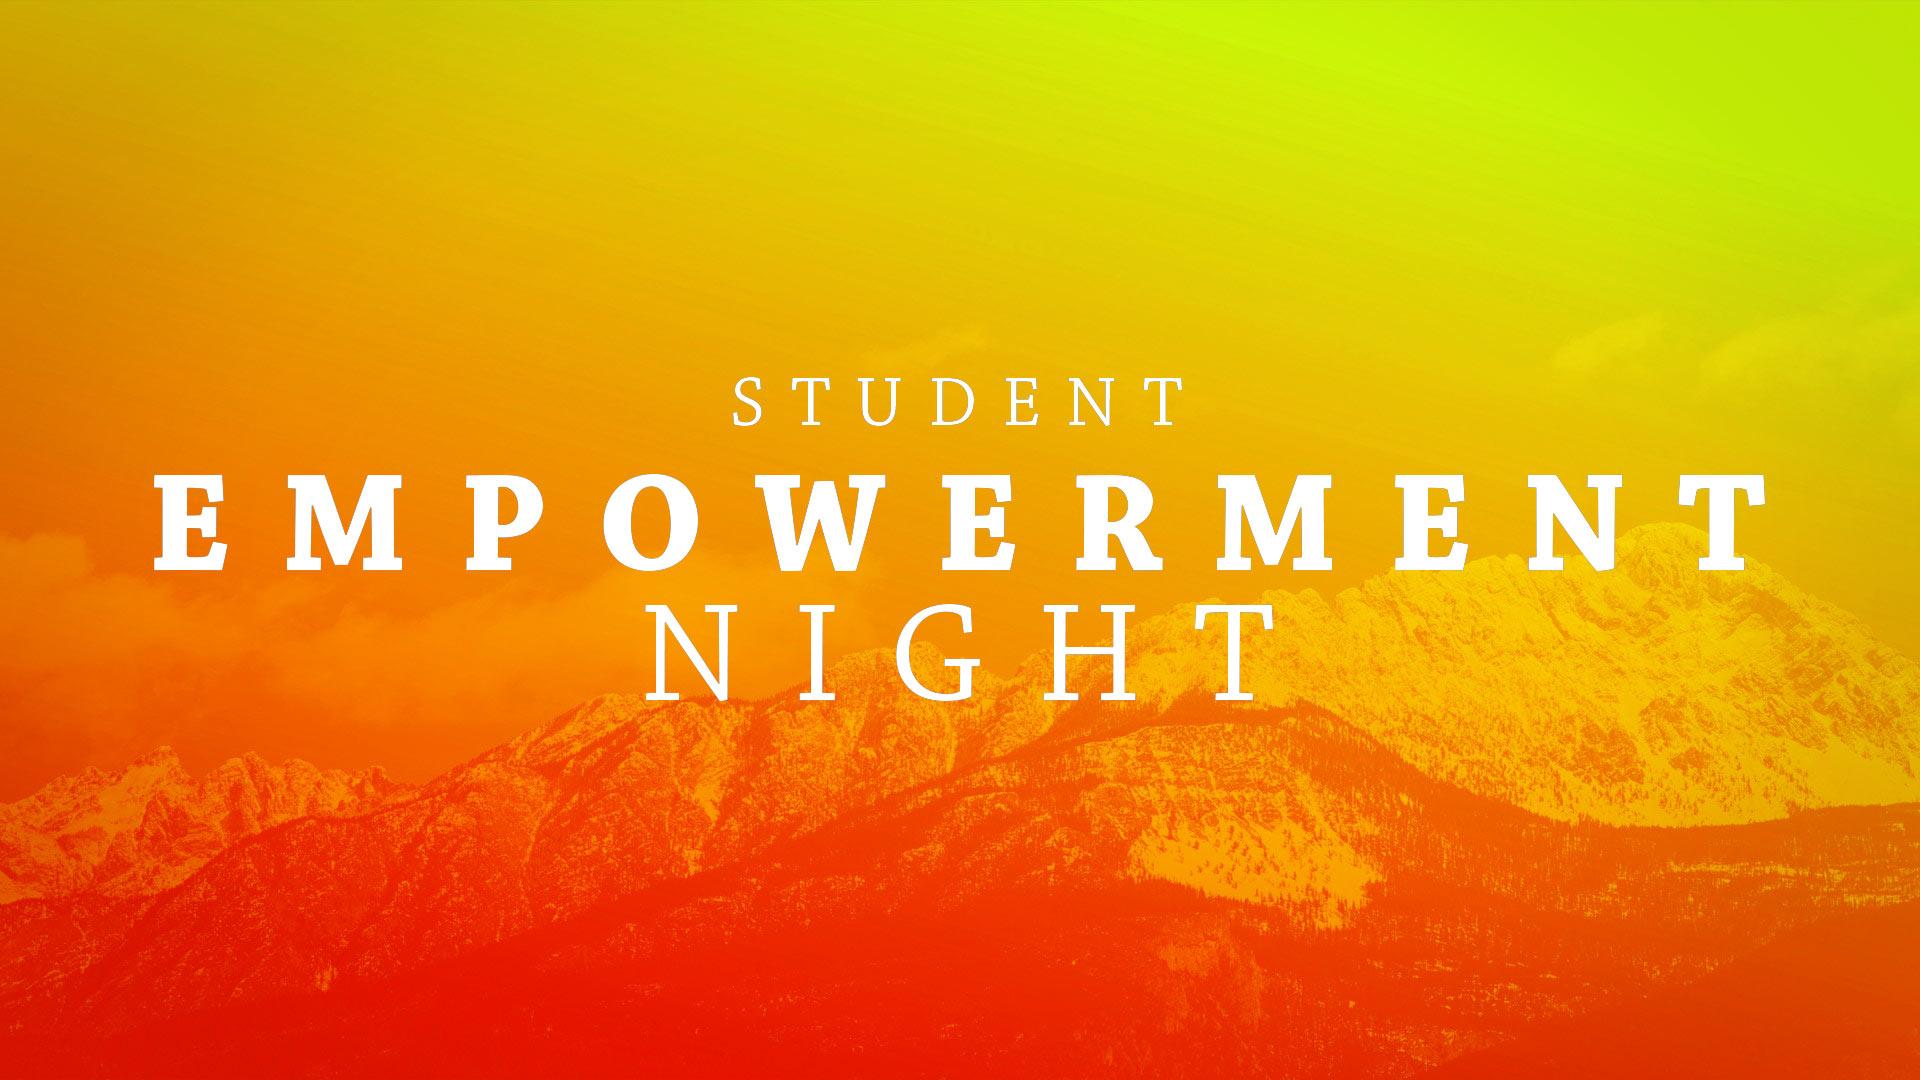 Student empowerment night 1920x1080